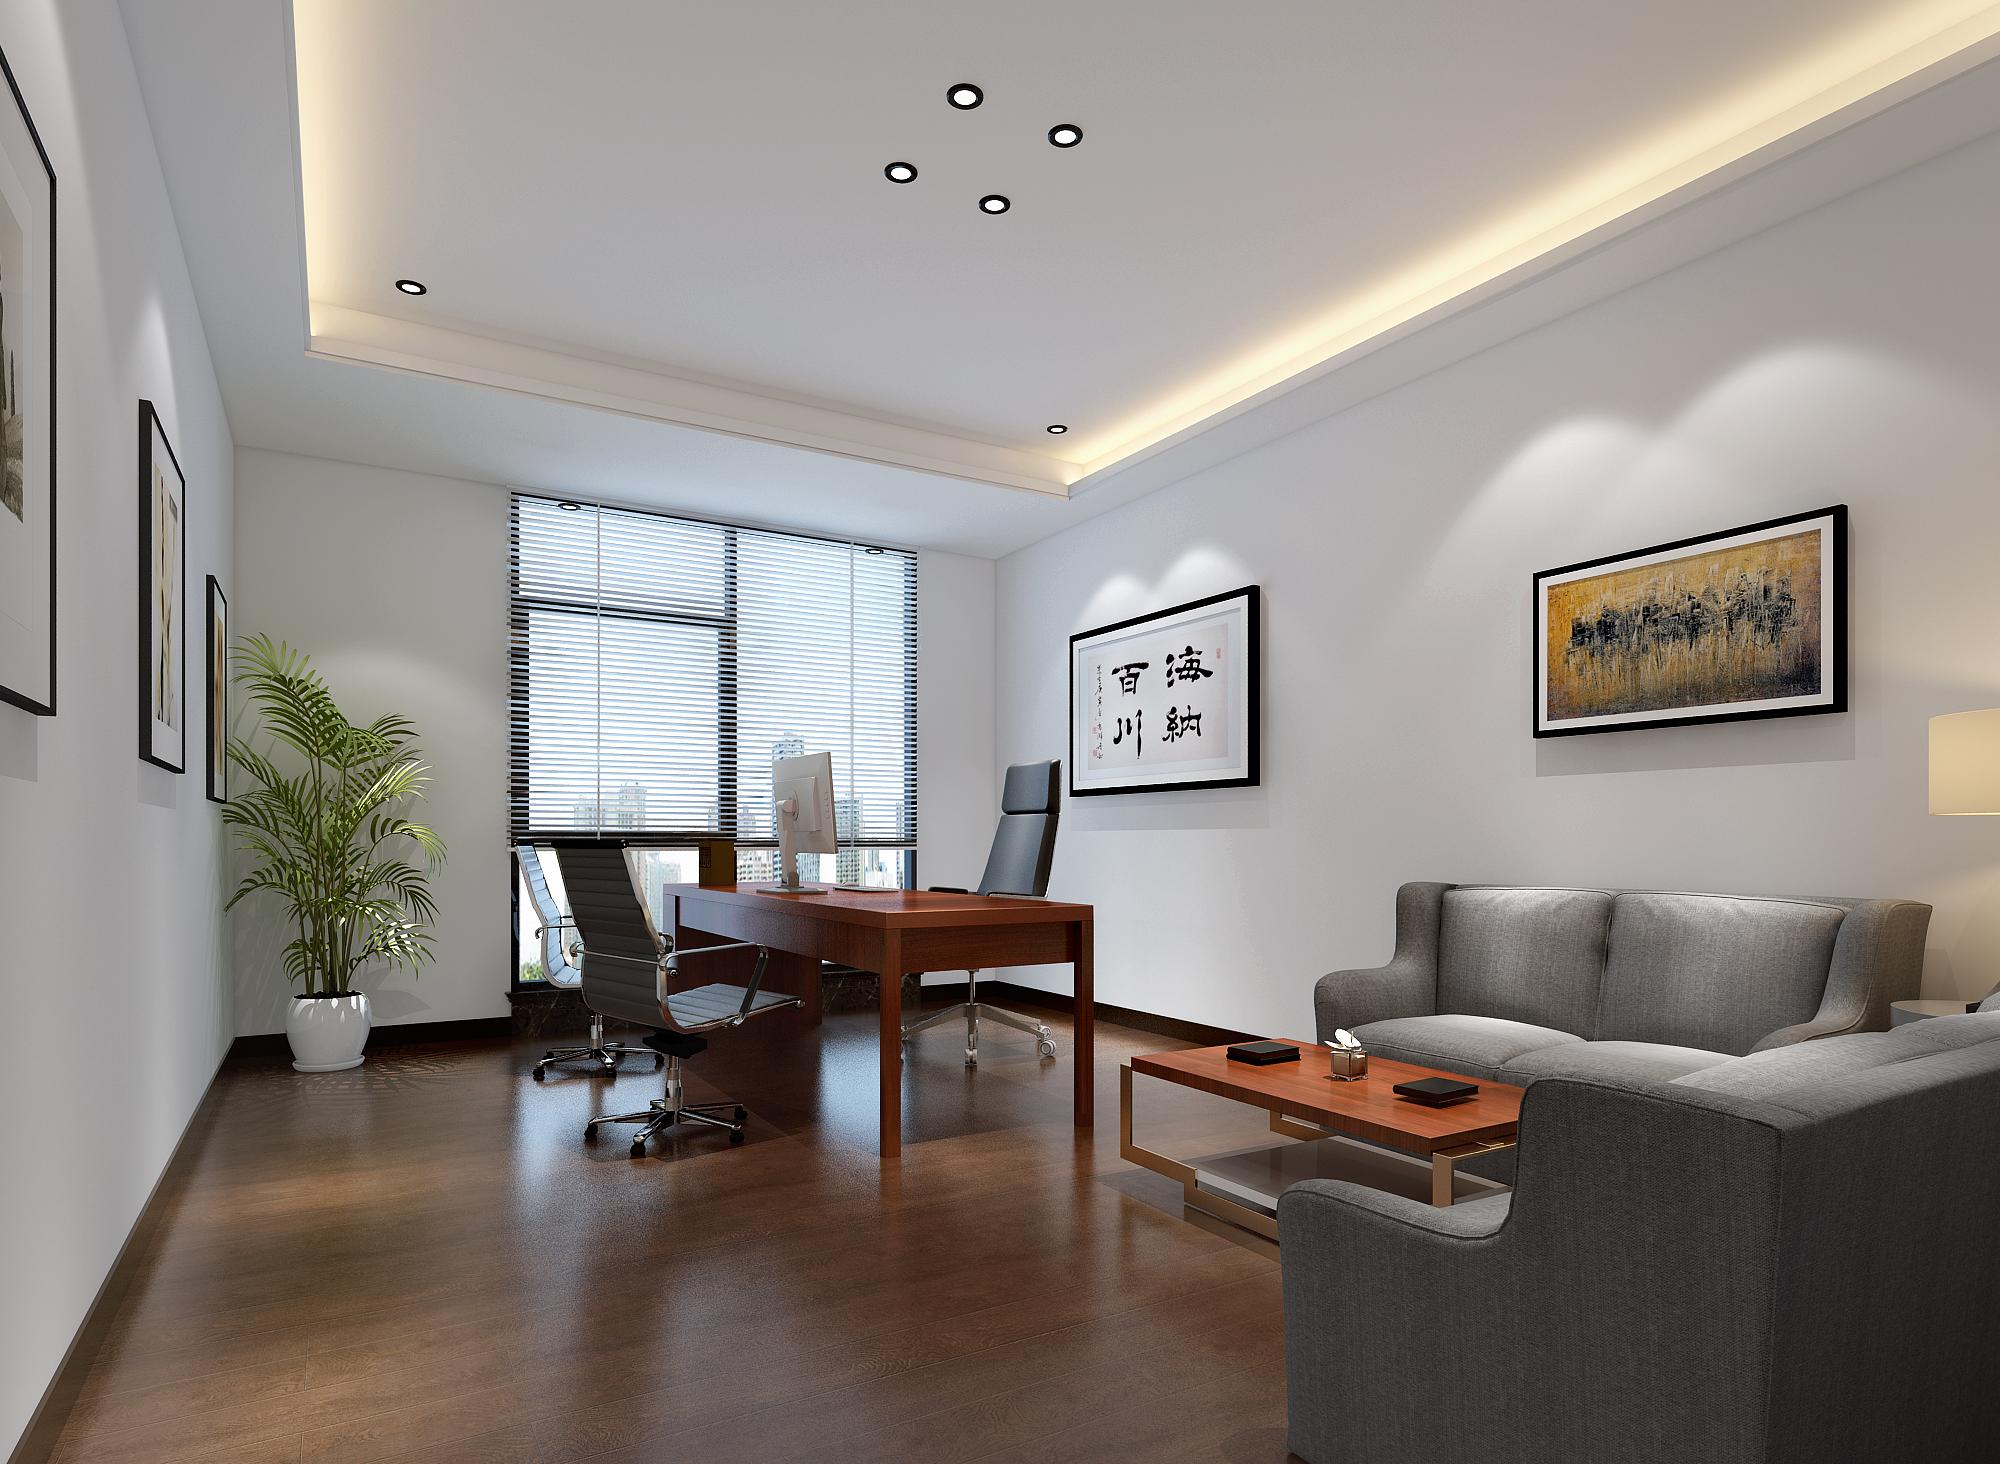 简约舒适的办公室装修效果图(三)